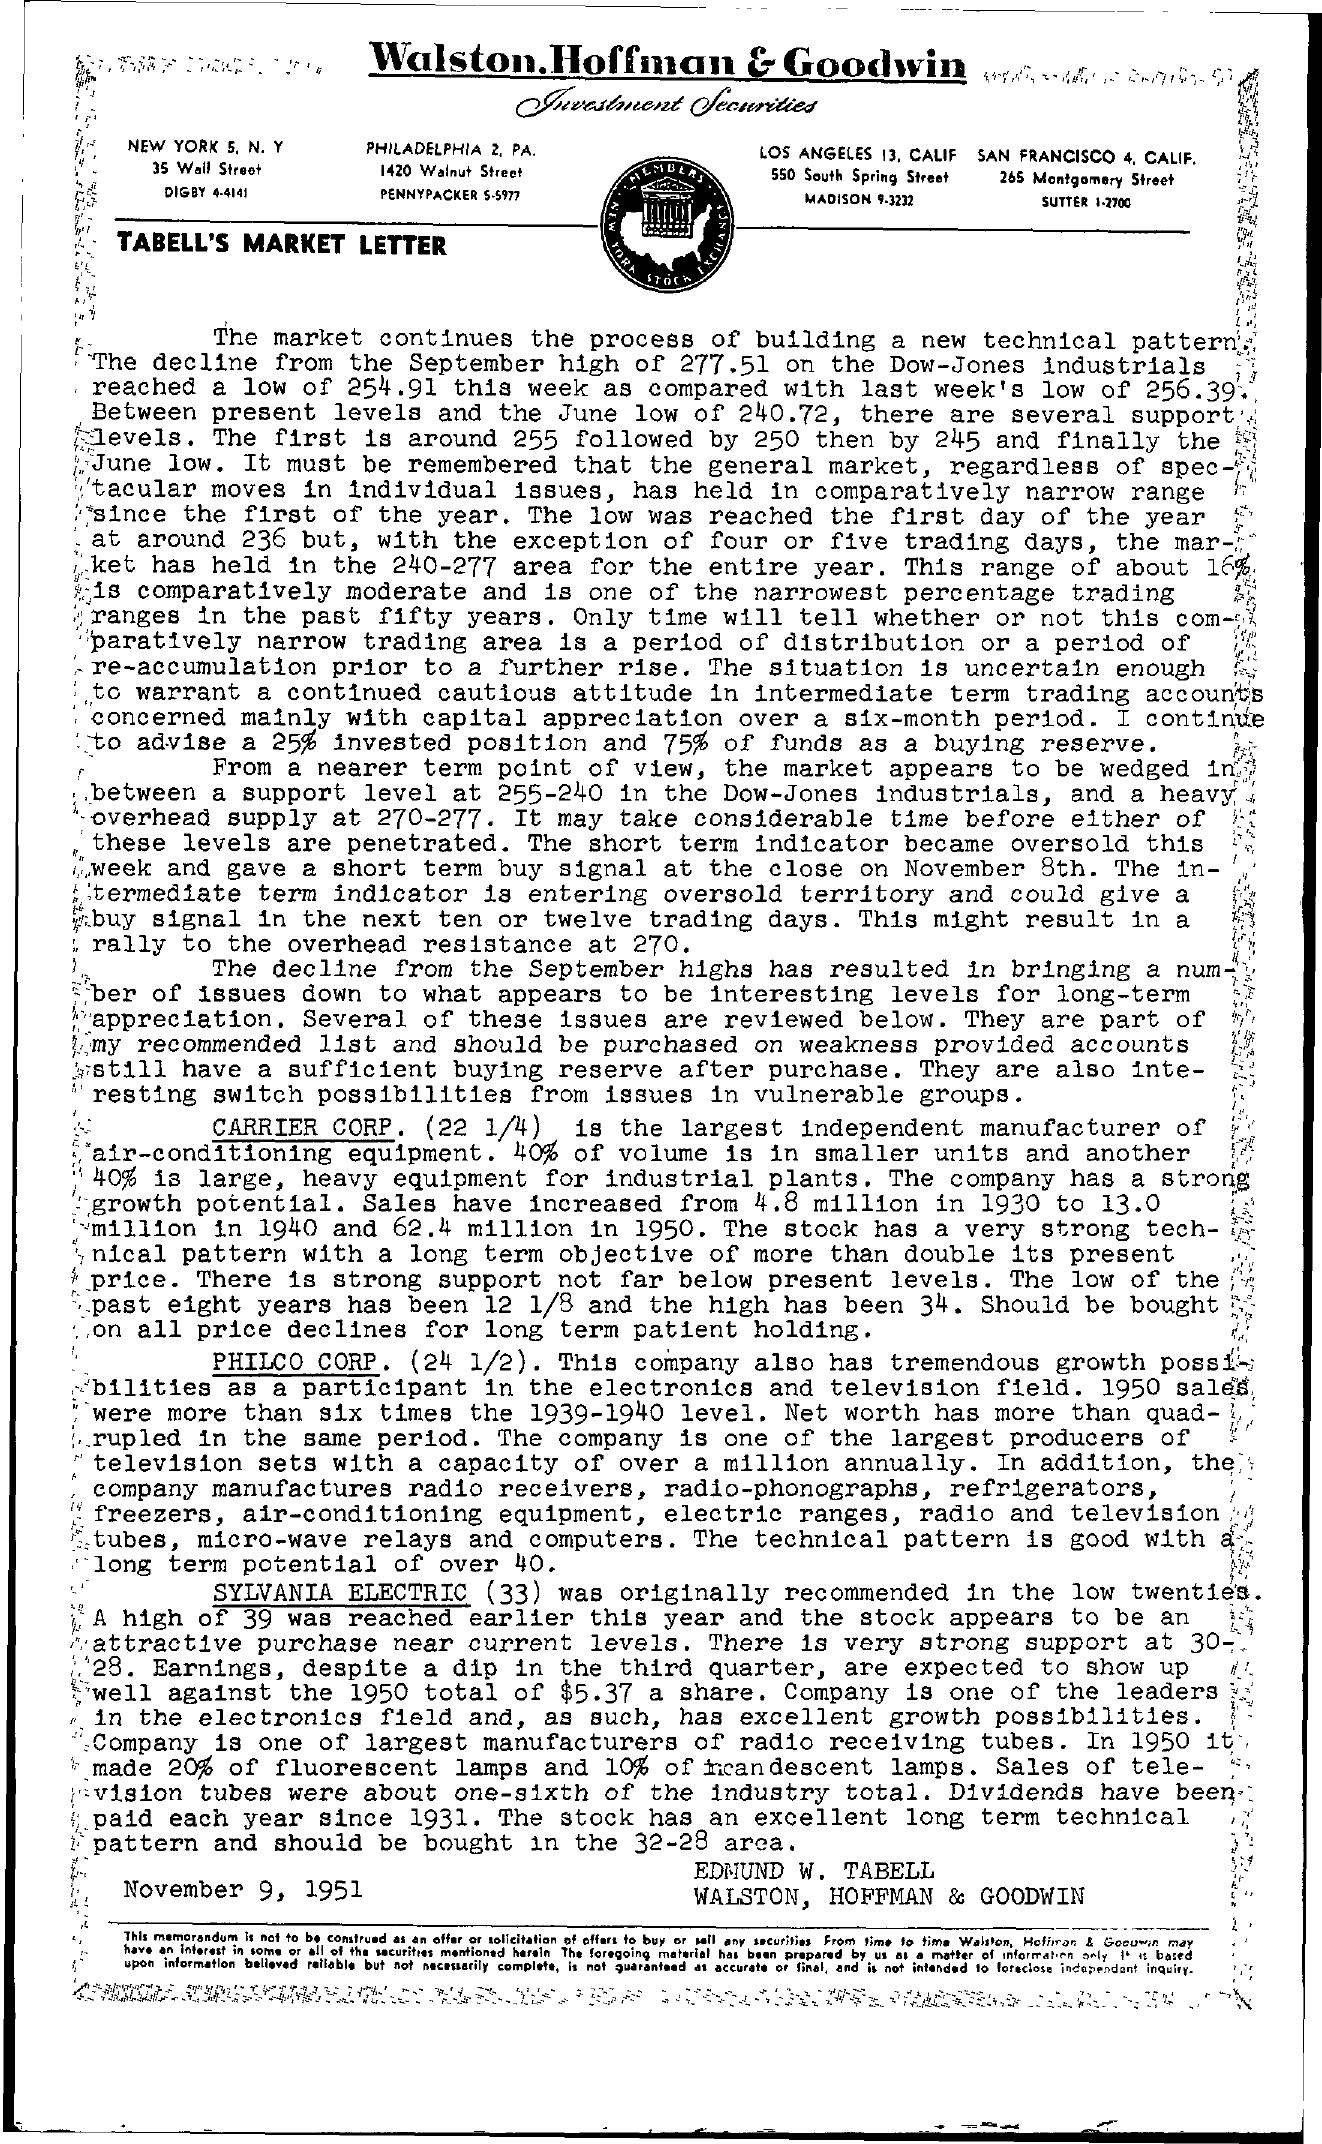 Tabell's Market Letter - November 09, 1951